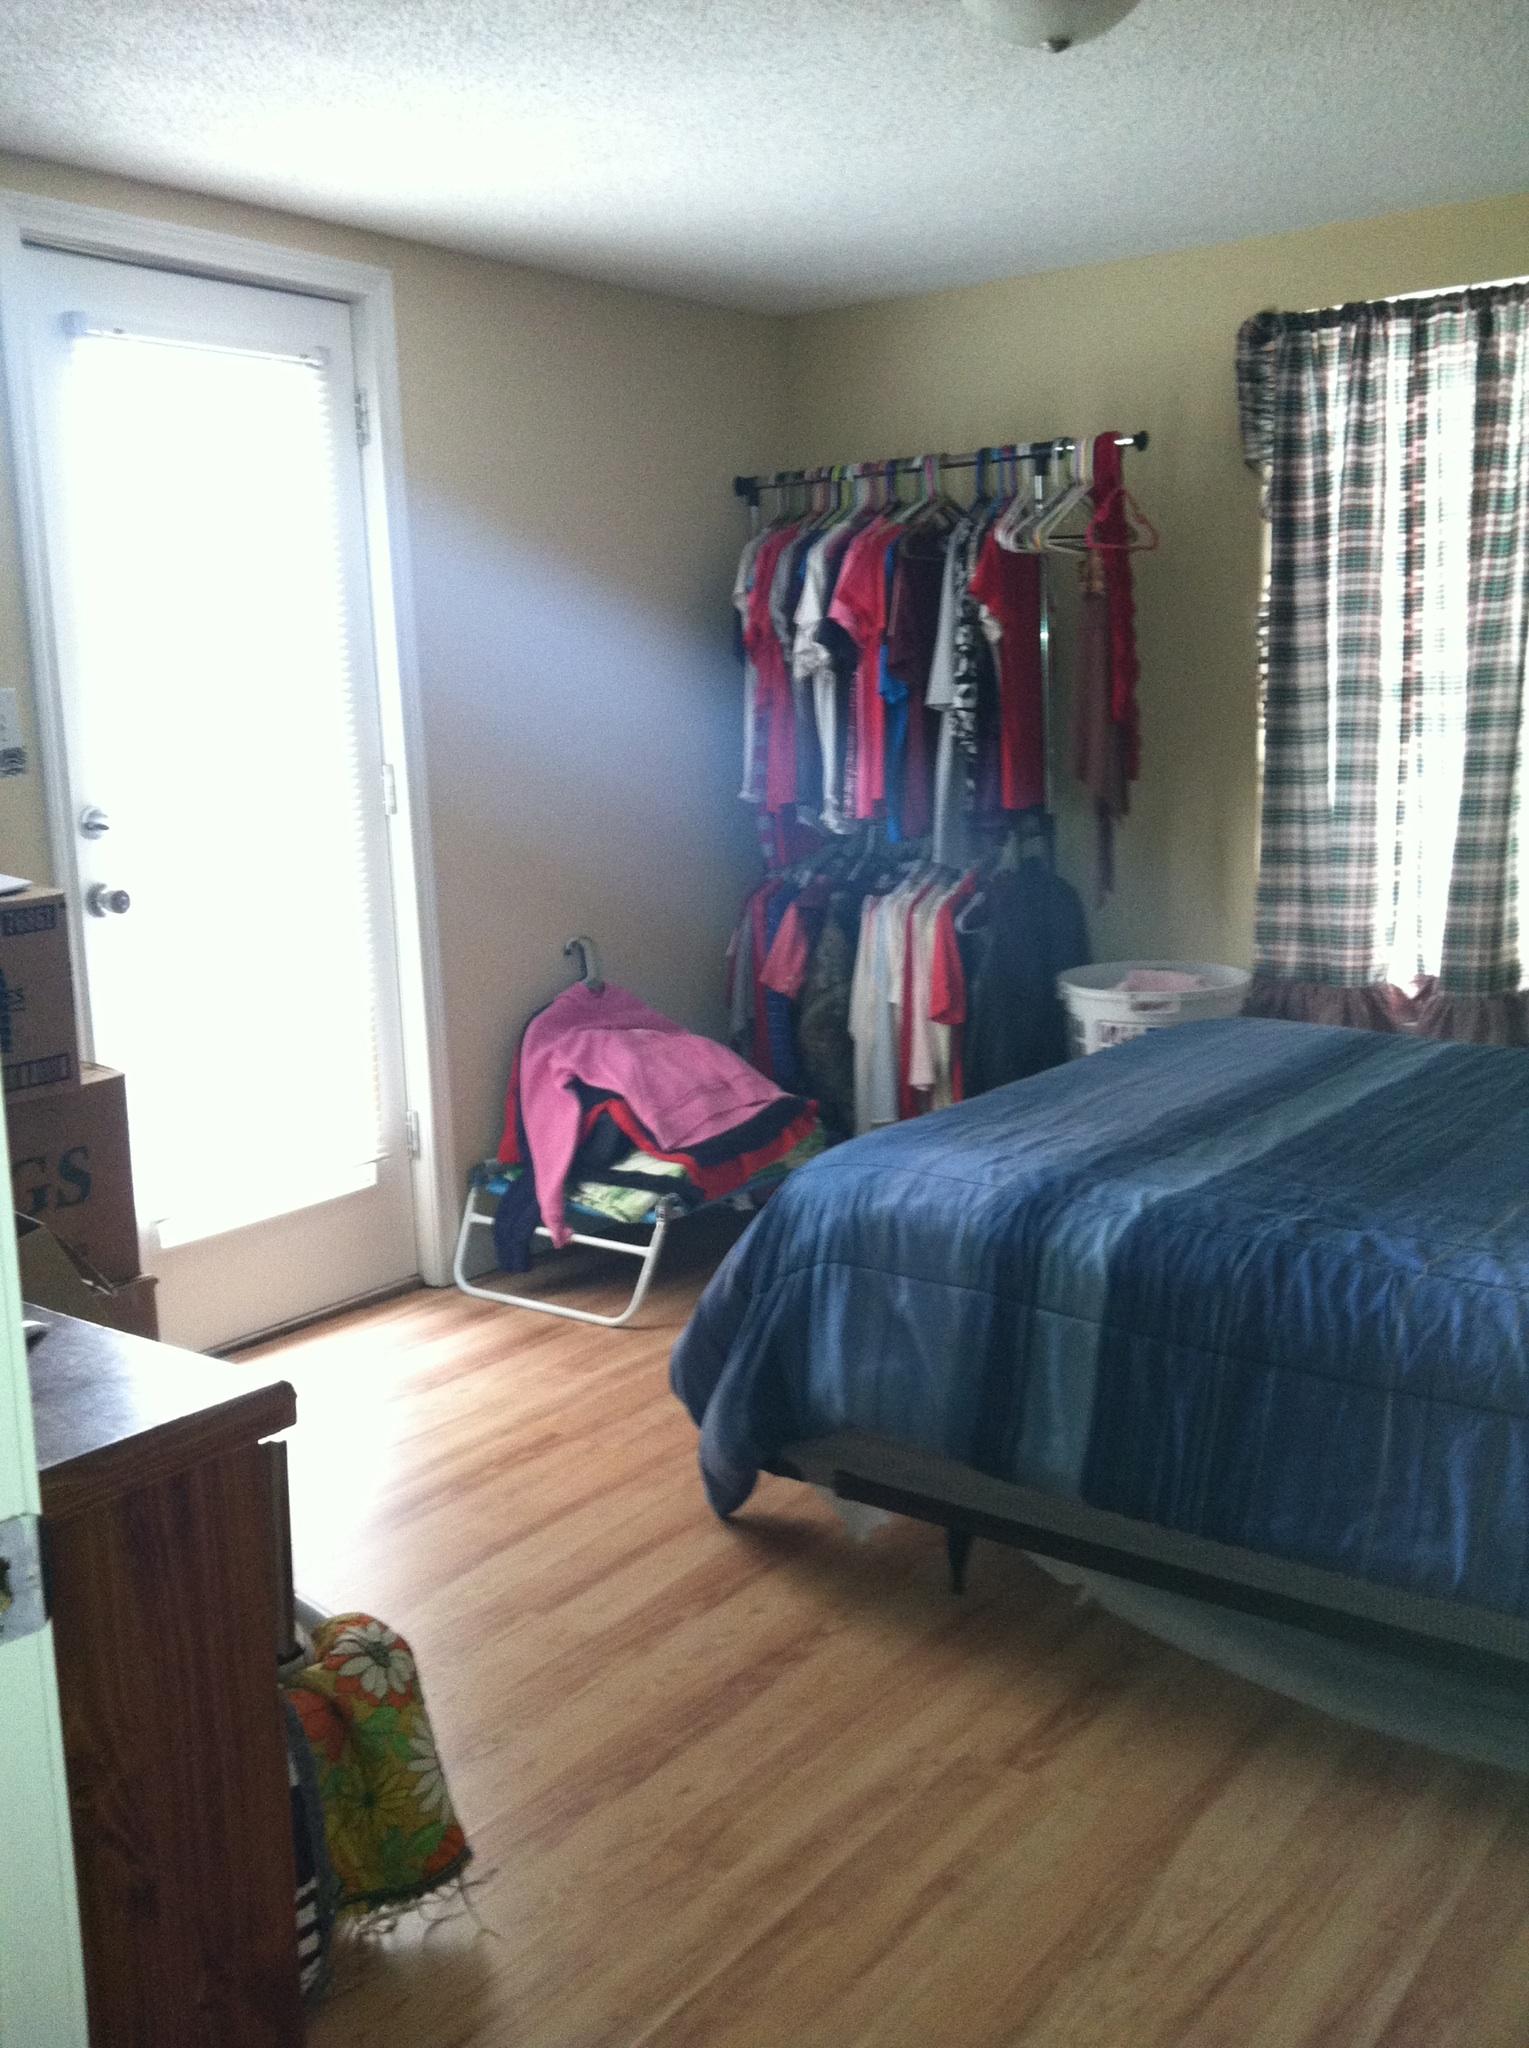 bedroom with stuff.jpg